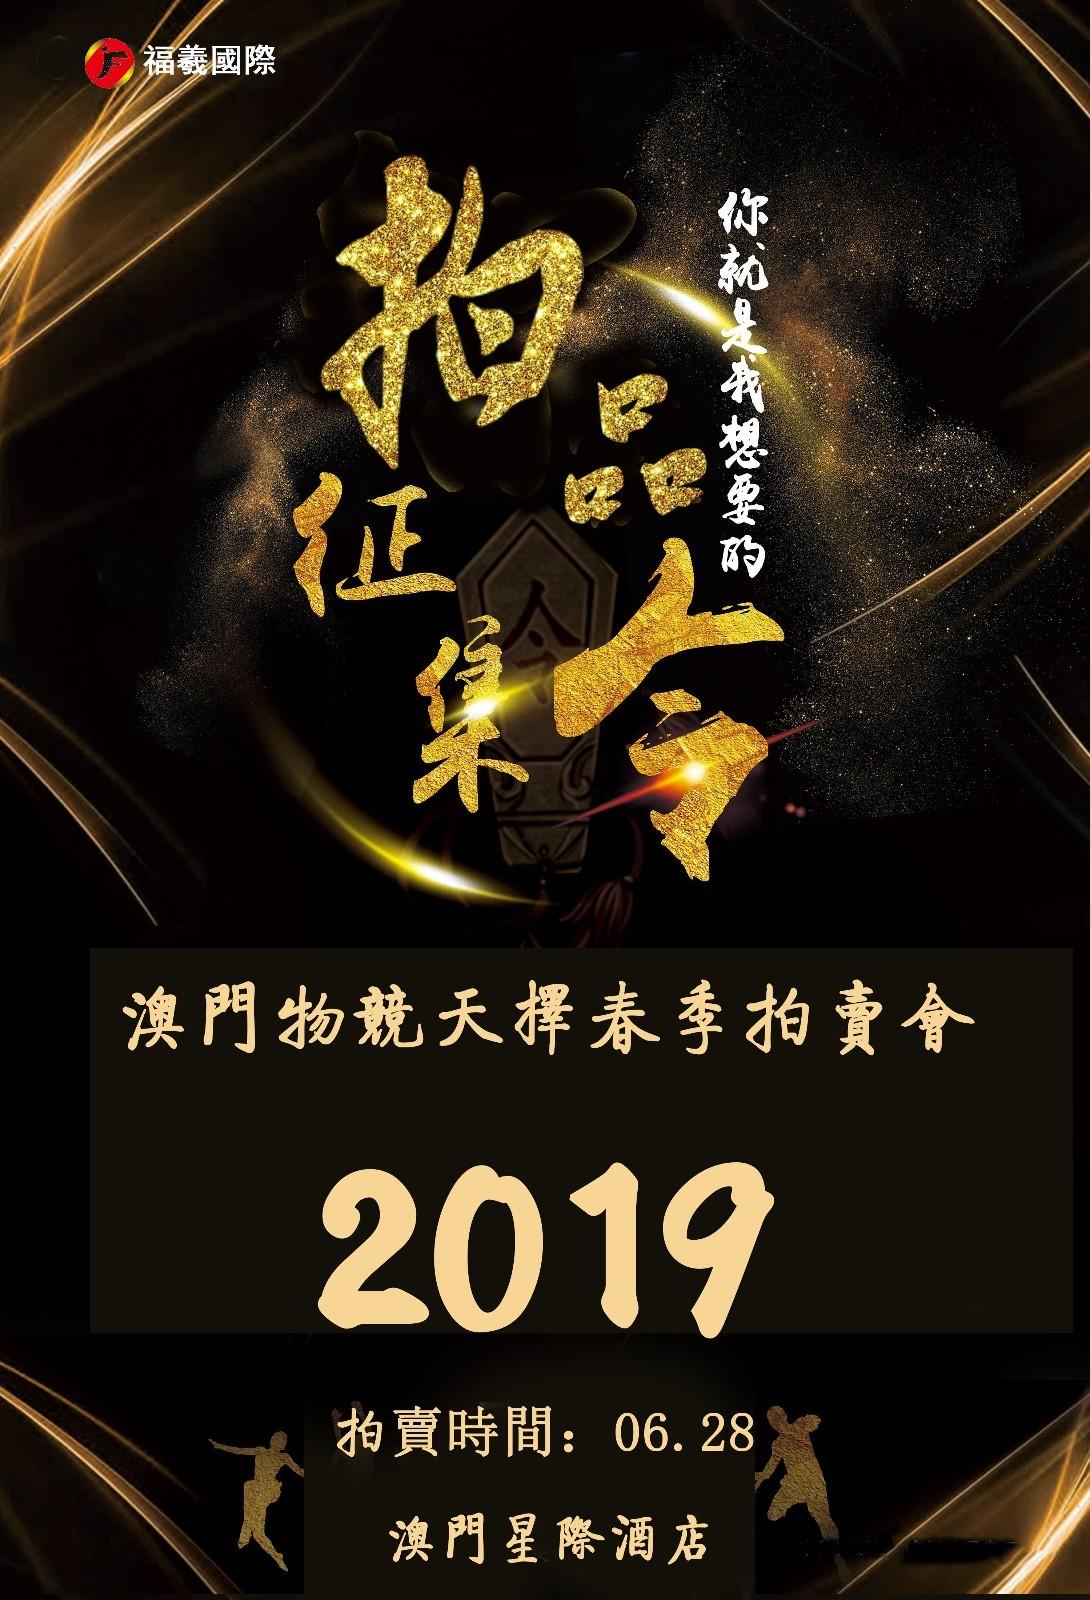 香港福羲国际新加坡02期传承华夏文化拍卖会圆满收槌